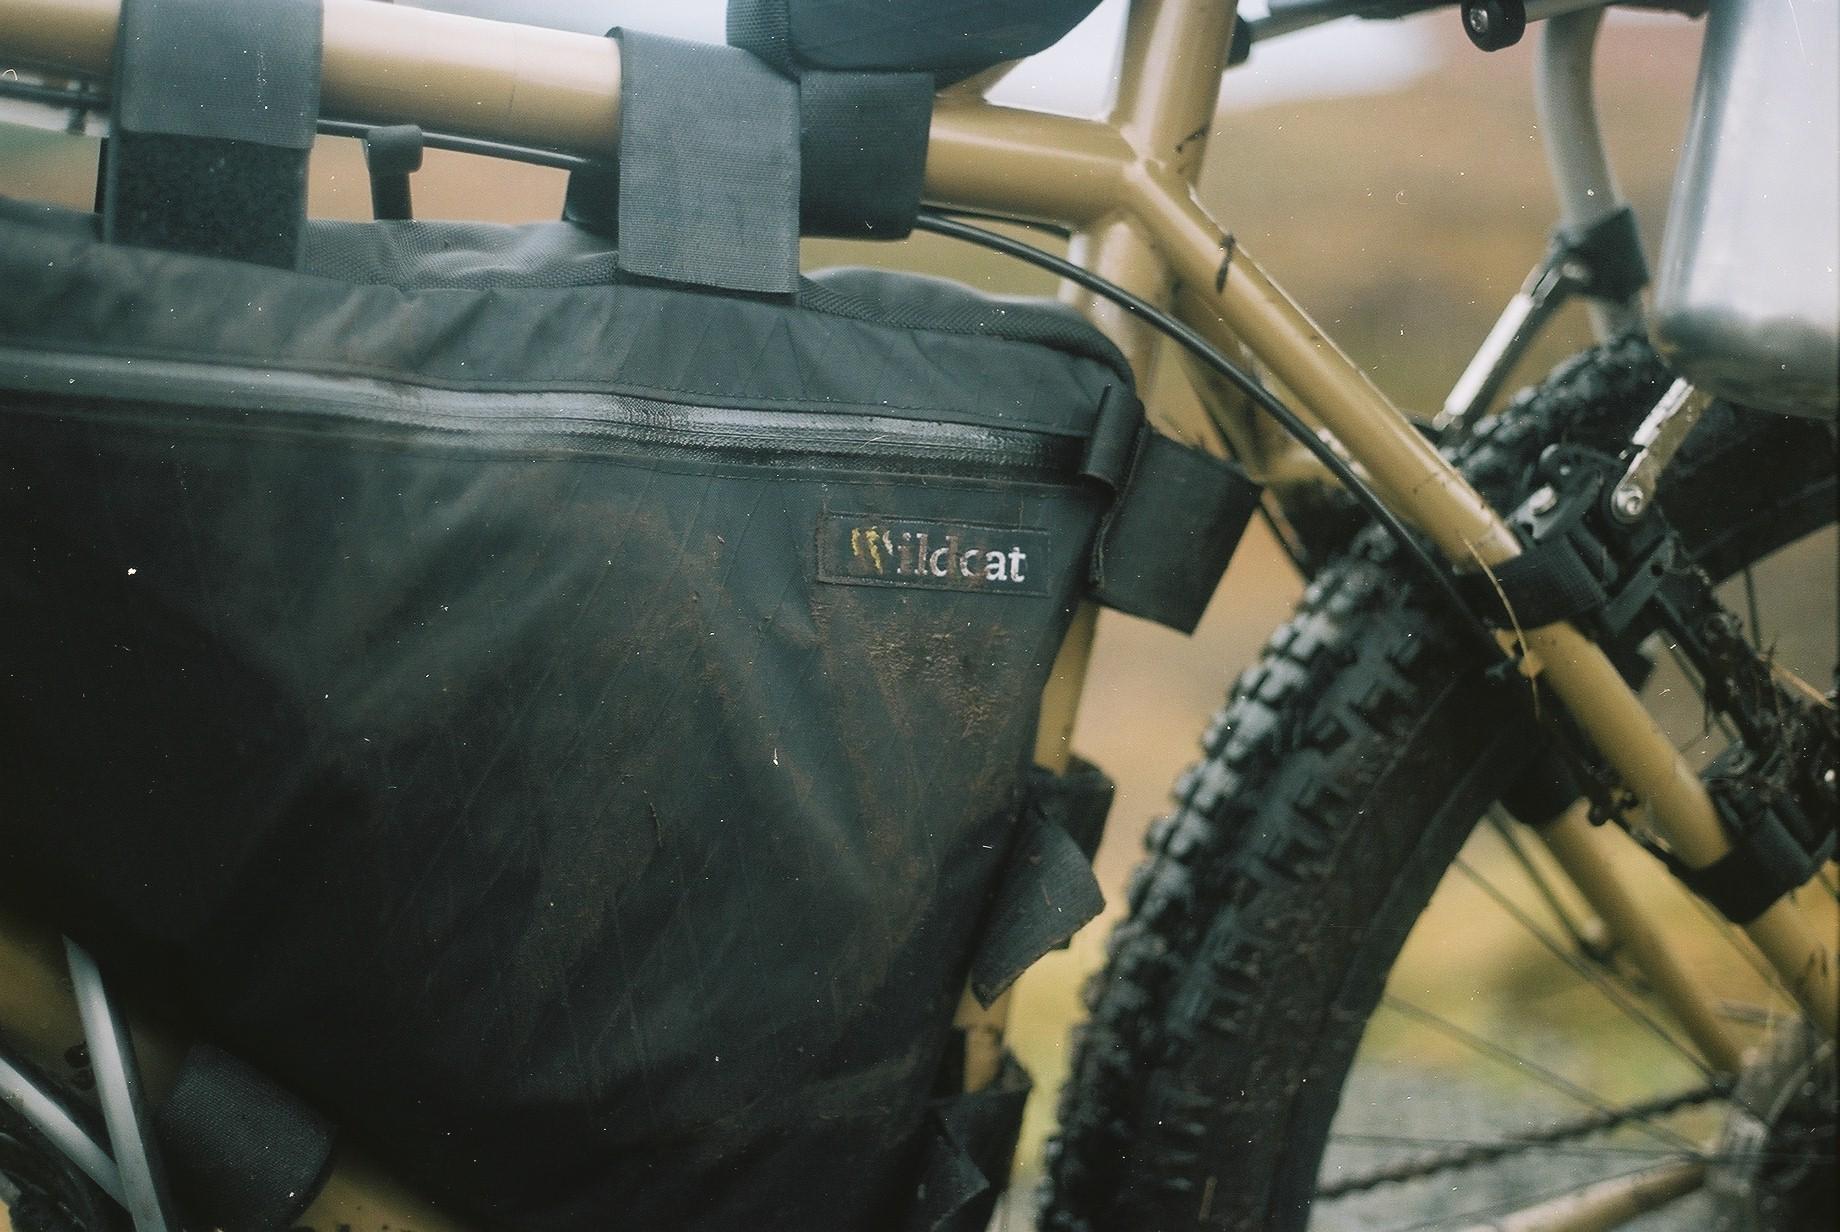 My Wildcat Gear Leopard frame bag was flawless.